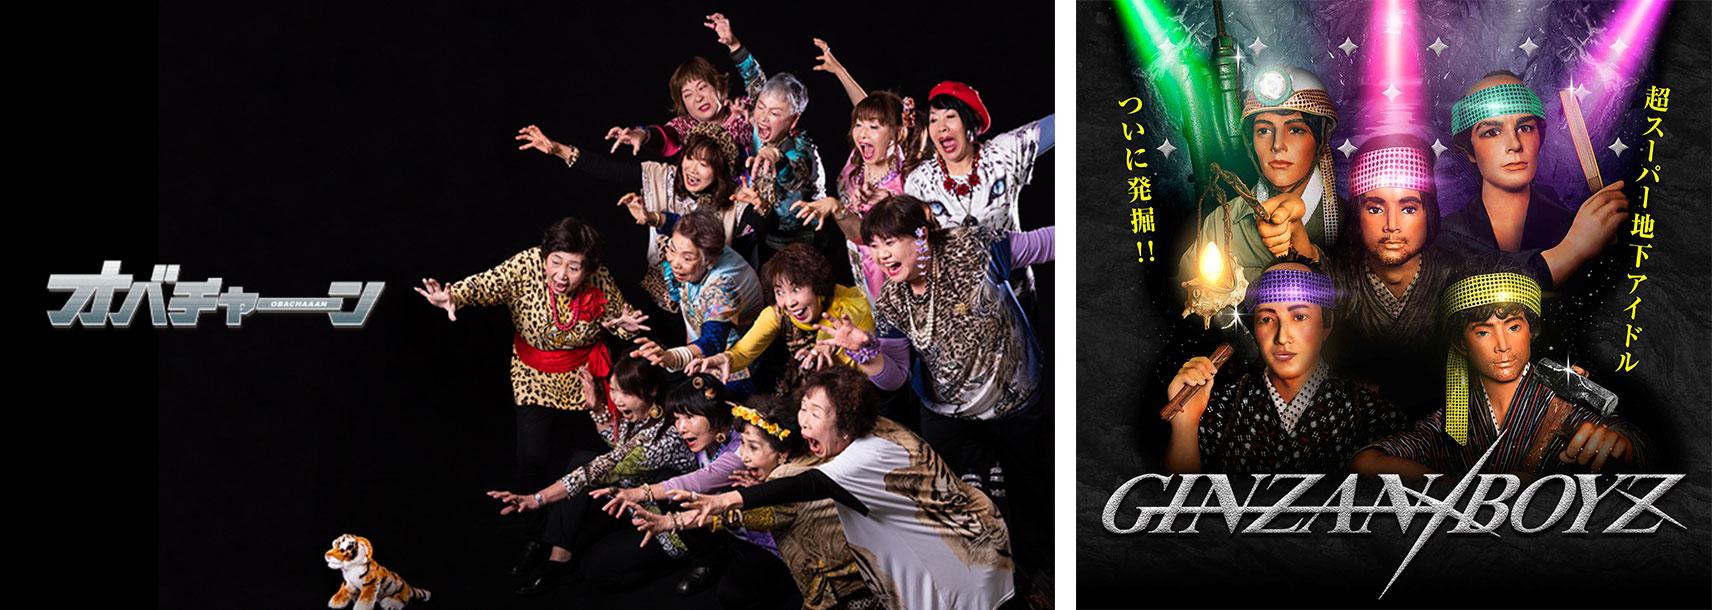 大阪の恒例アイドル「オバチャーン」(画像左)や生野銀山マネキン地下アイドル「GINZAN BOYZ」(画像右)のプロデュースを手がける